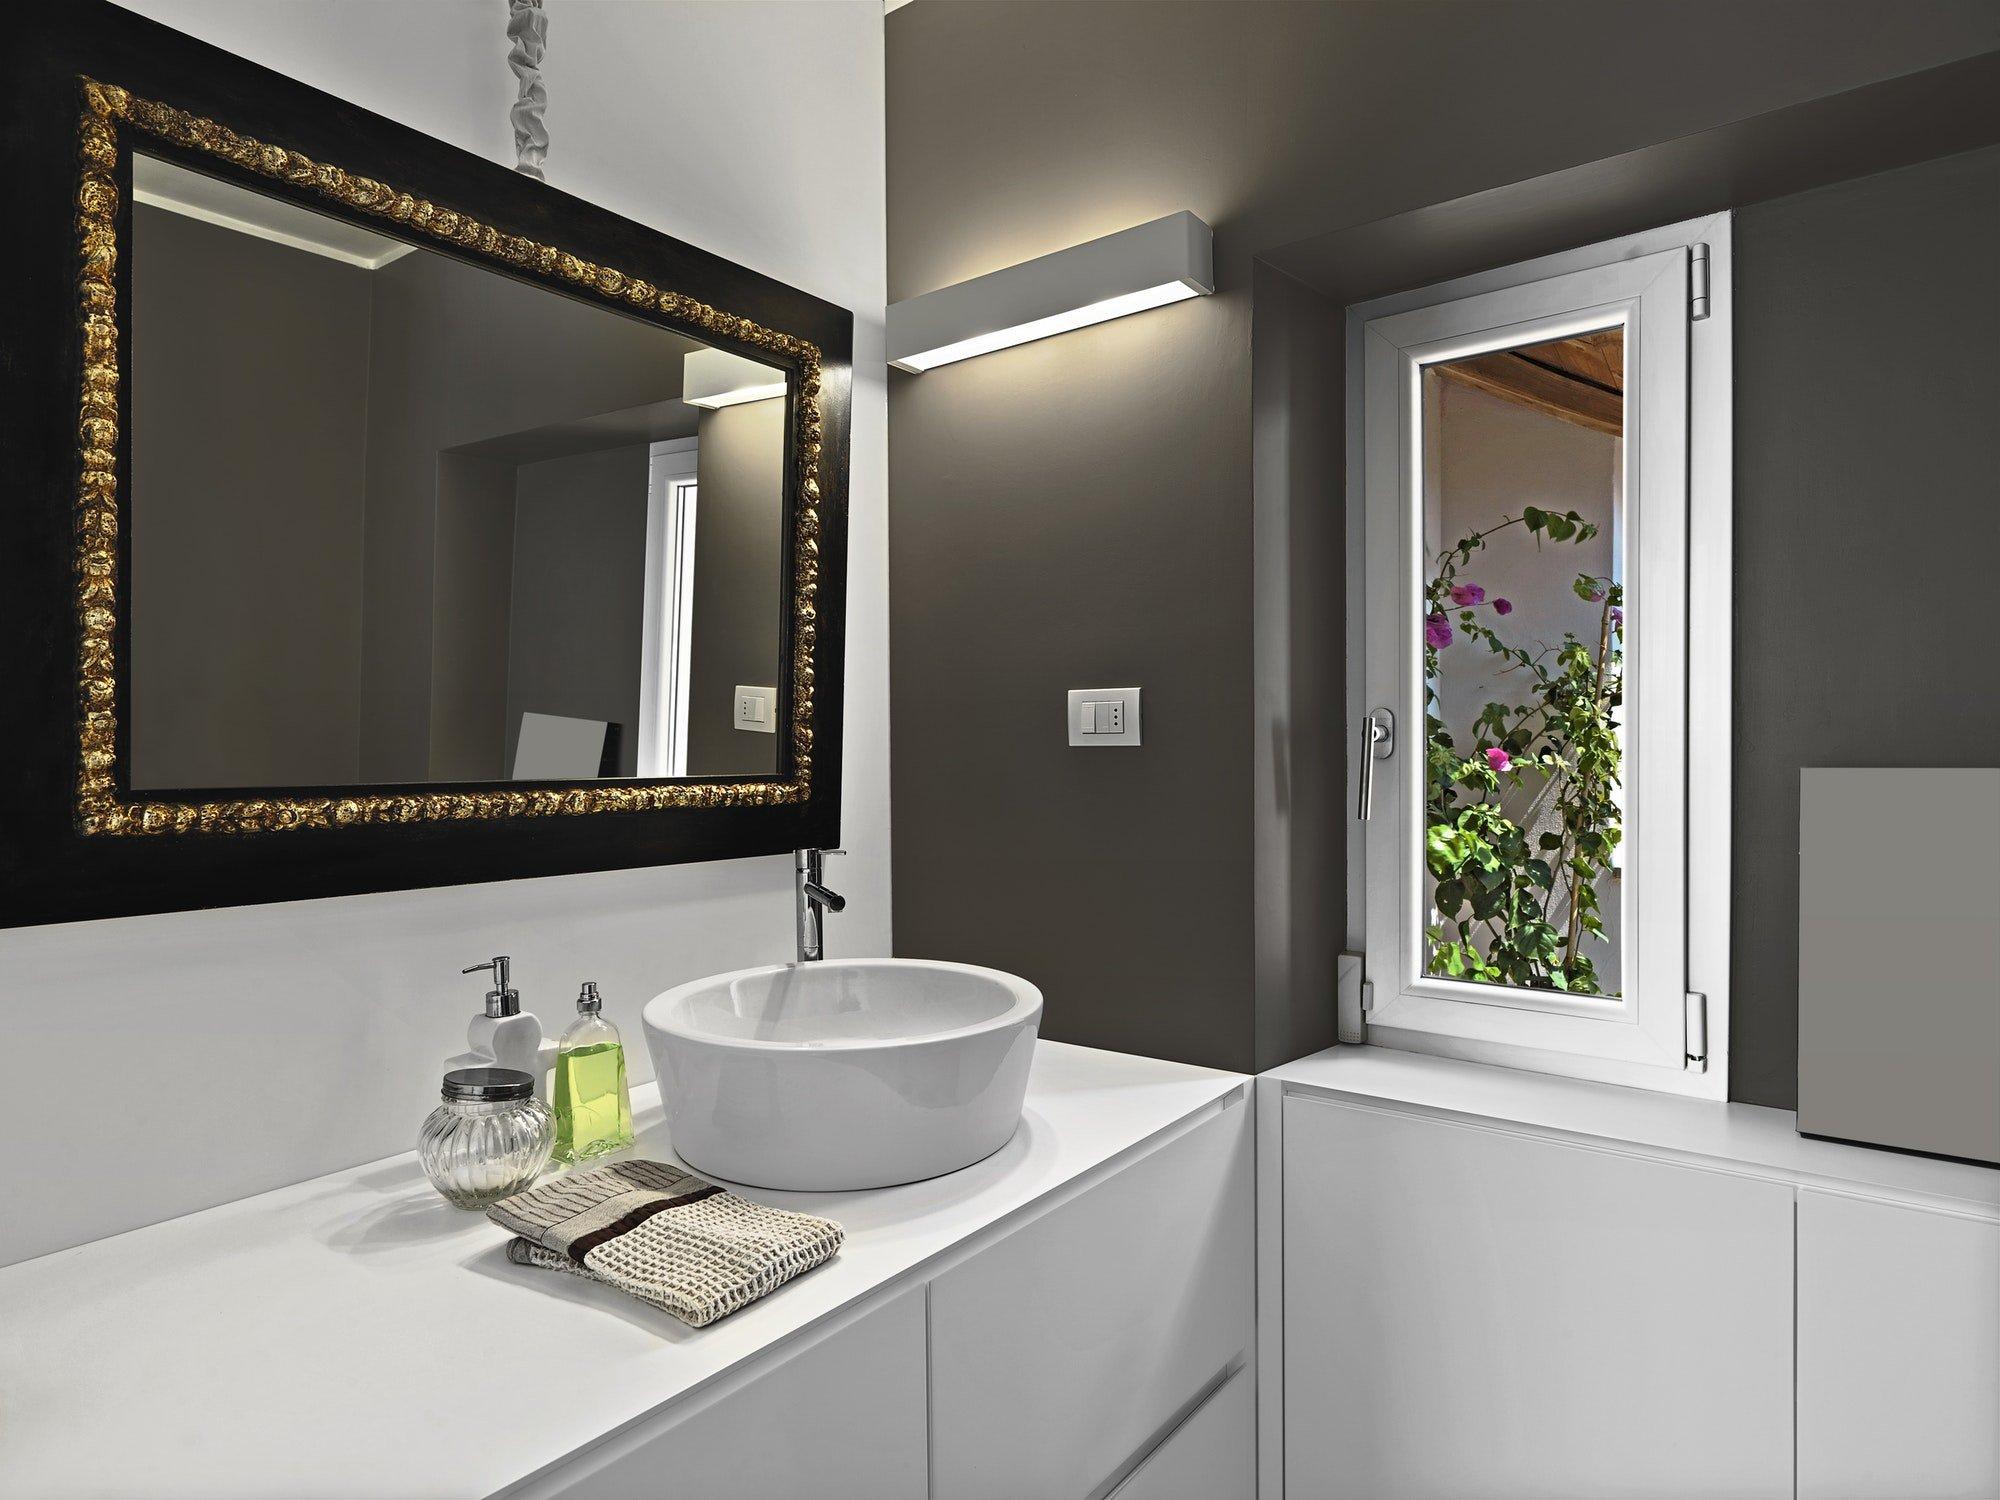 Reformas Baños Interior de baño moderno